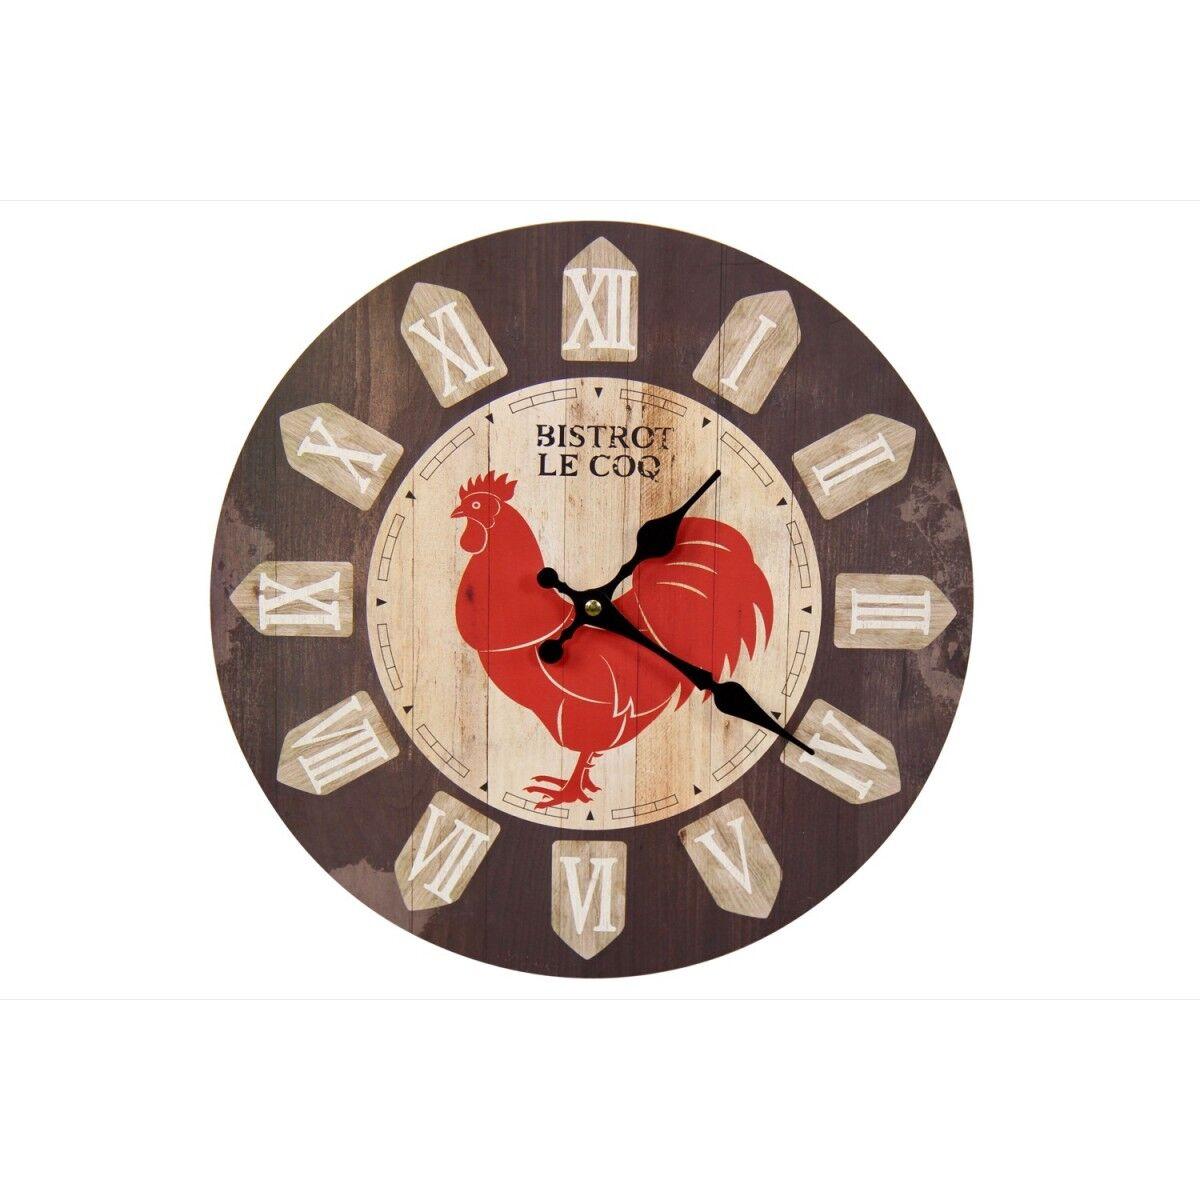 Horloge Ancienne Murale Bistrot le Coq 34cm - Bois - Marron